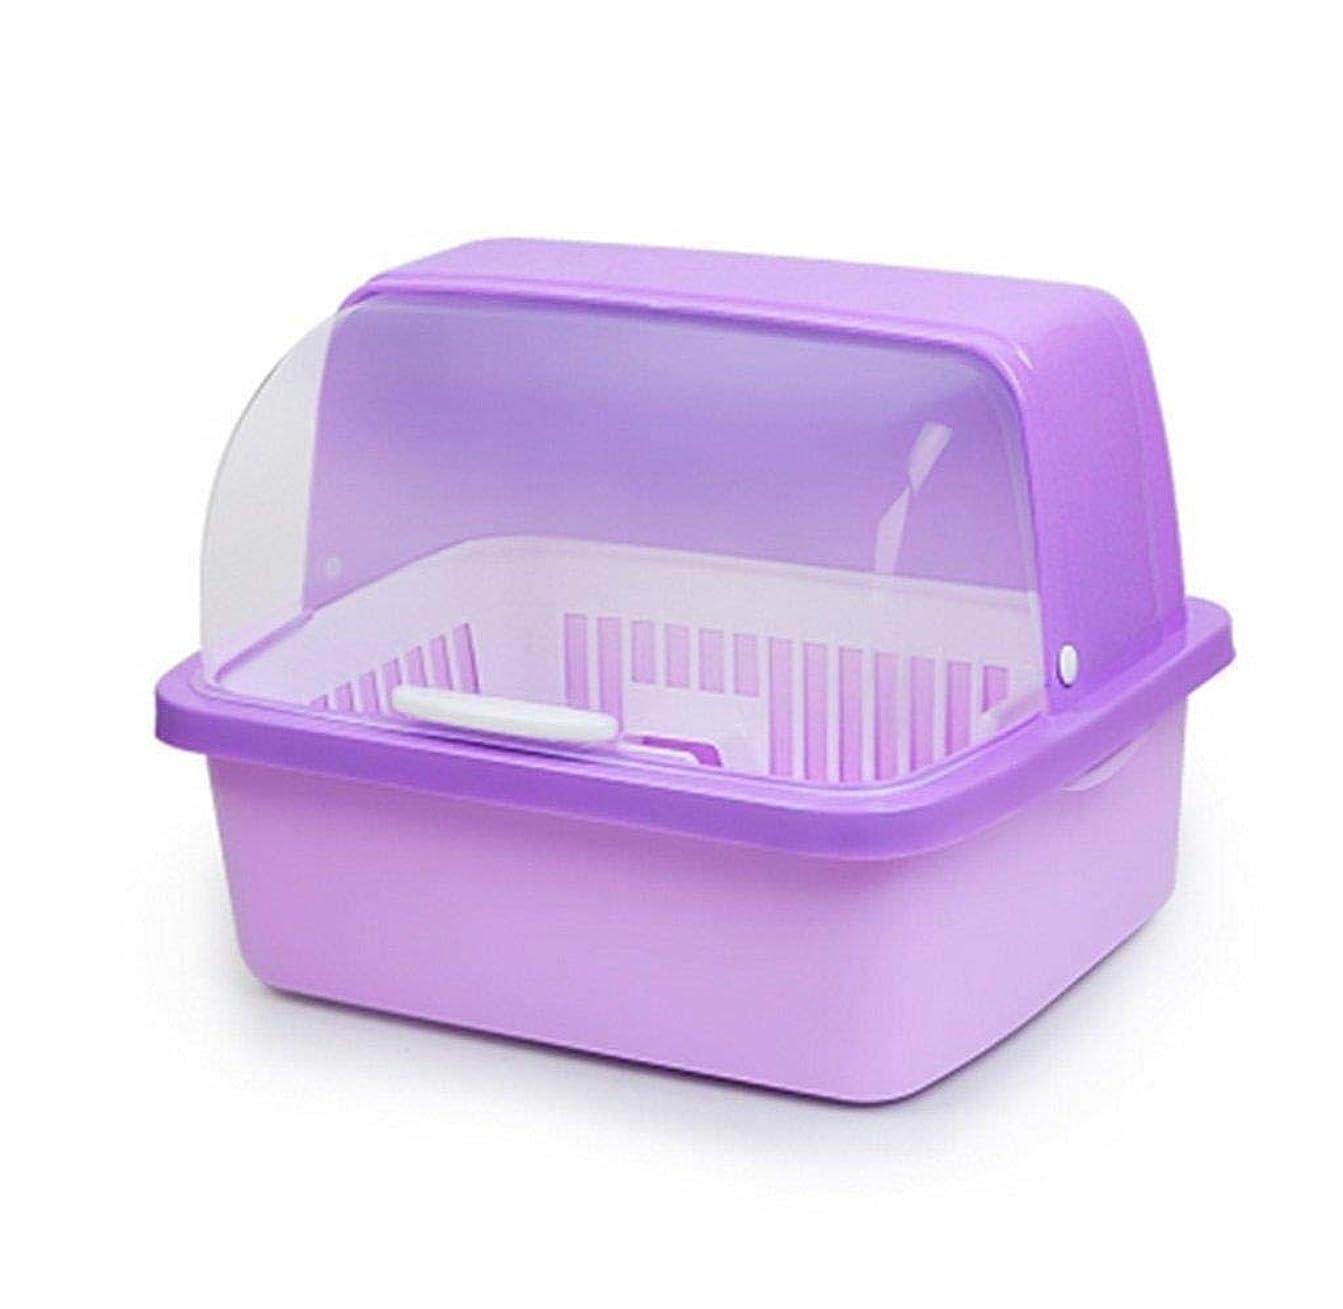 理由おもちゃ受け取るドリップトレイ、食器収納ボックス付きキッチンクラフトディッシュドレンコンテナー、キッチンドレンの安全性(色:青、サイズ:小)